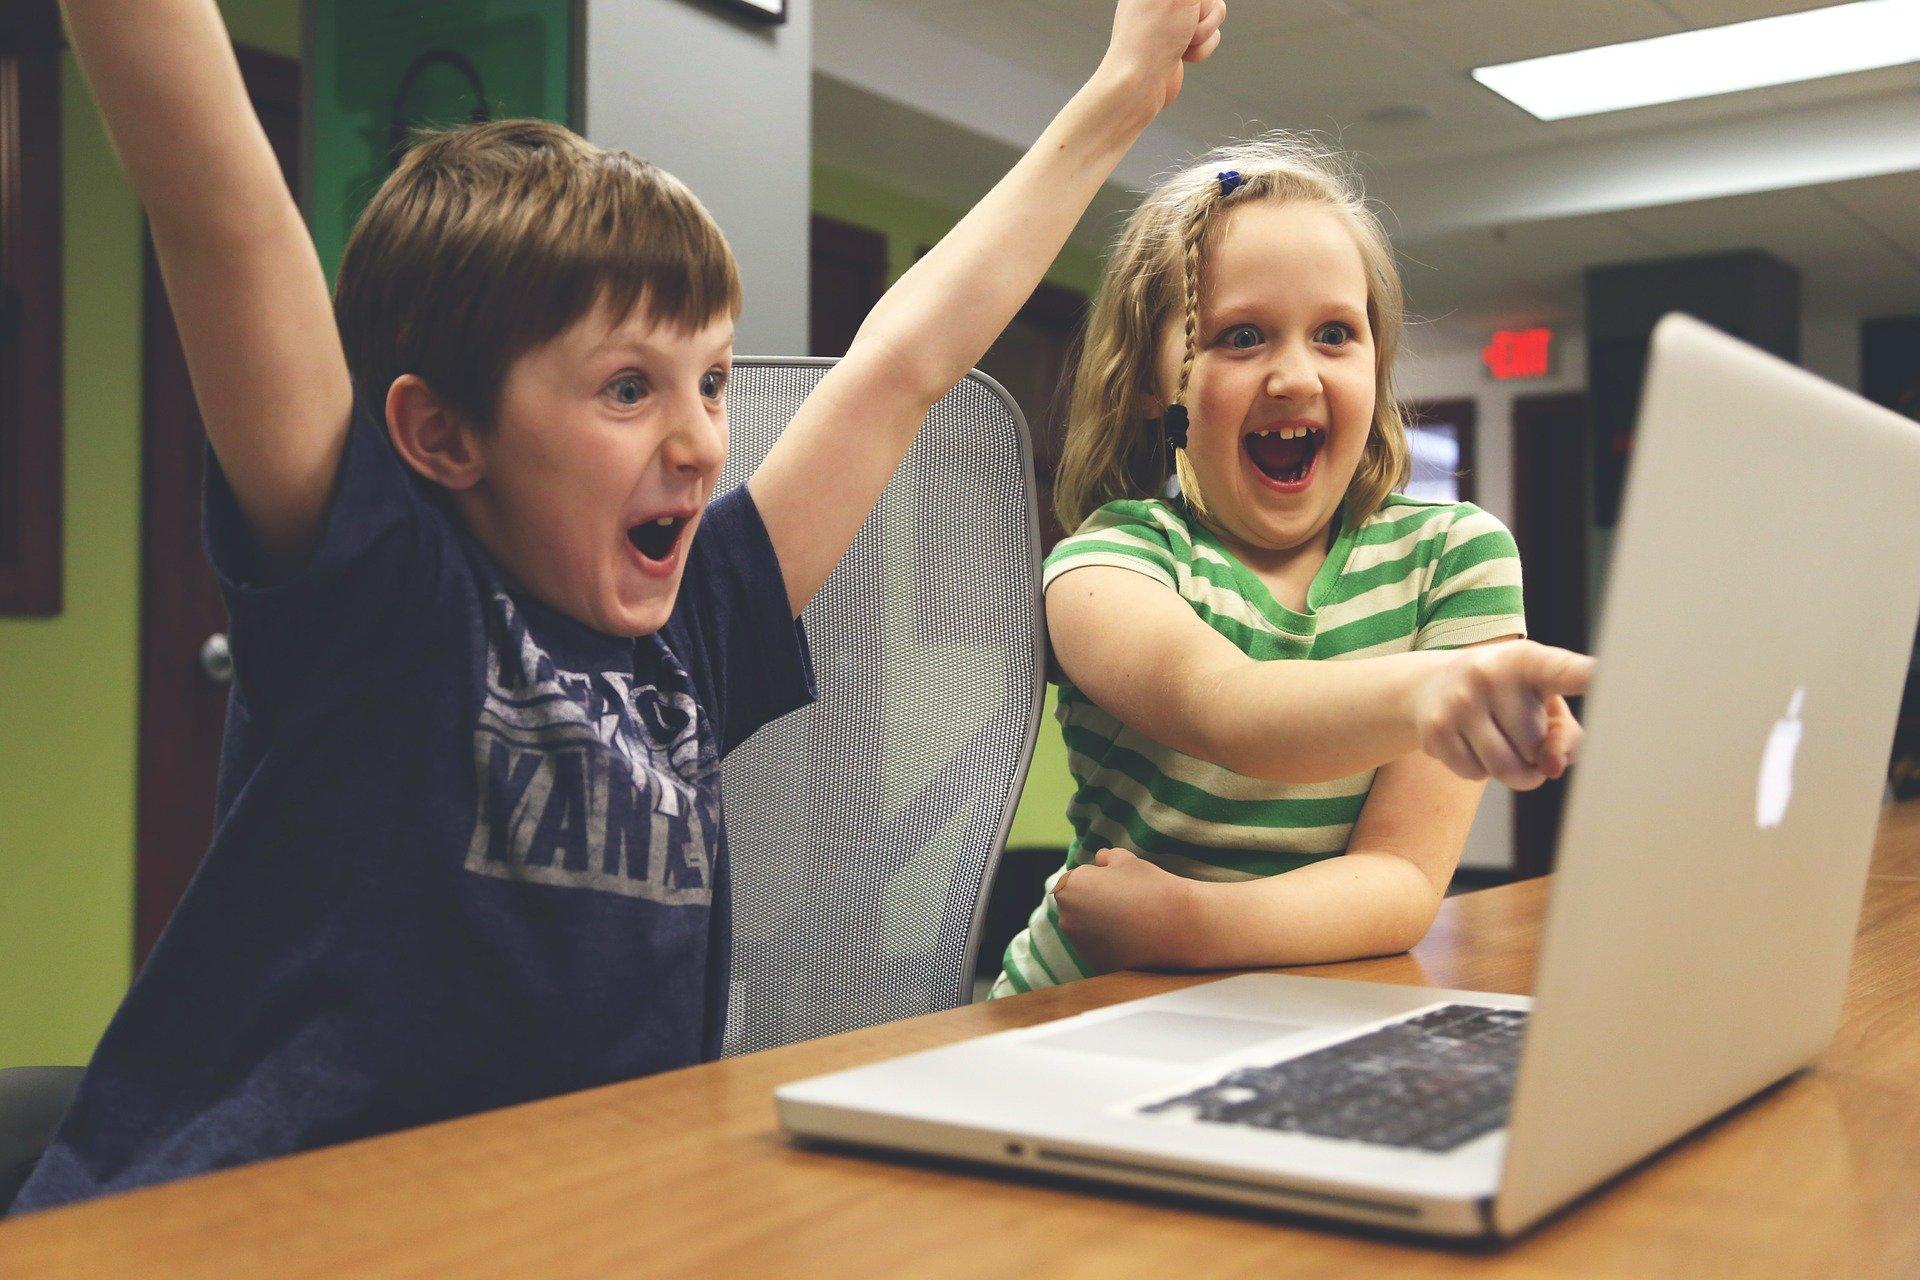 Anaxco Blog Beitrag Bild Kinder IT-Services Digitalisierung IT-Lösungen Datensicherheit Cloud IT-Experten